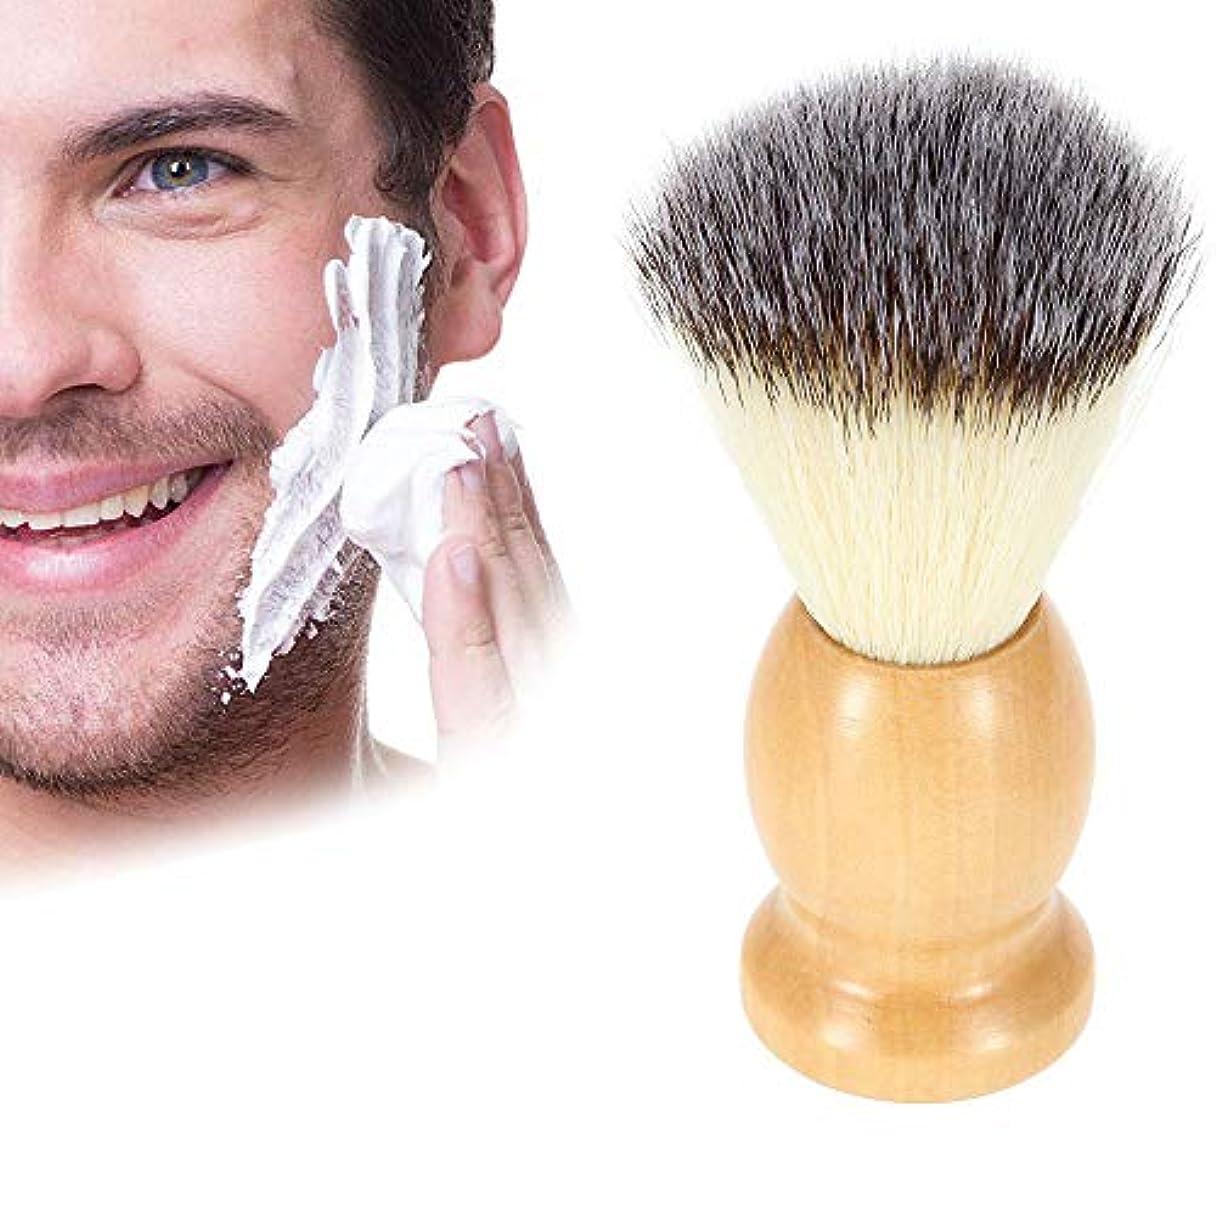 デュアル適性弱まるButokal ナイロンひげブラシ メンズ用ブラシ 木製ハンドルシェービングブラシ 泡立ち ひげブラシ 理容 洗顔 髭剃り ご主人 ボーイフレンド 友人 にプレゼント シェービング用アクセサリー